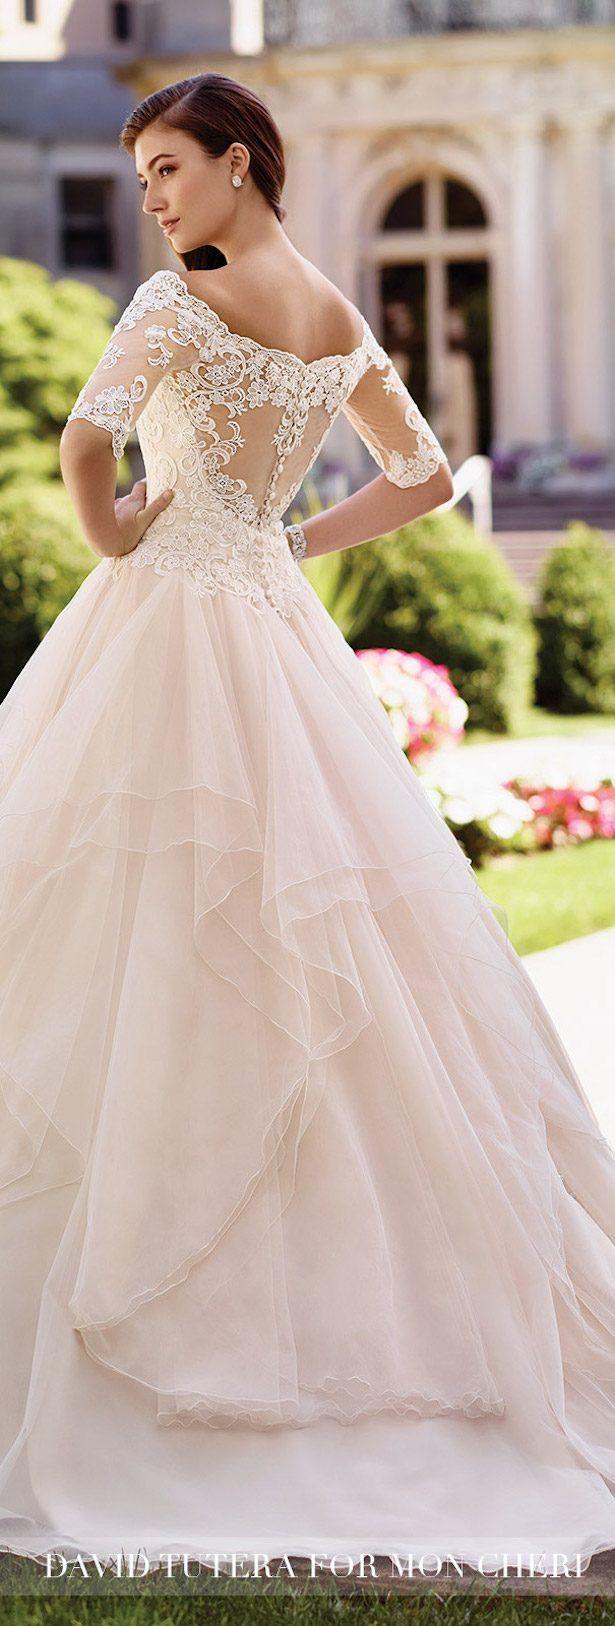 très belle robe de mariée avec dos en dentelle !!!!